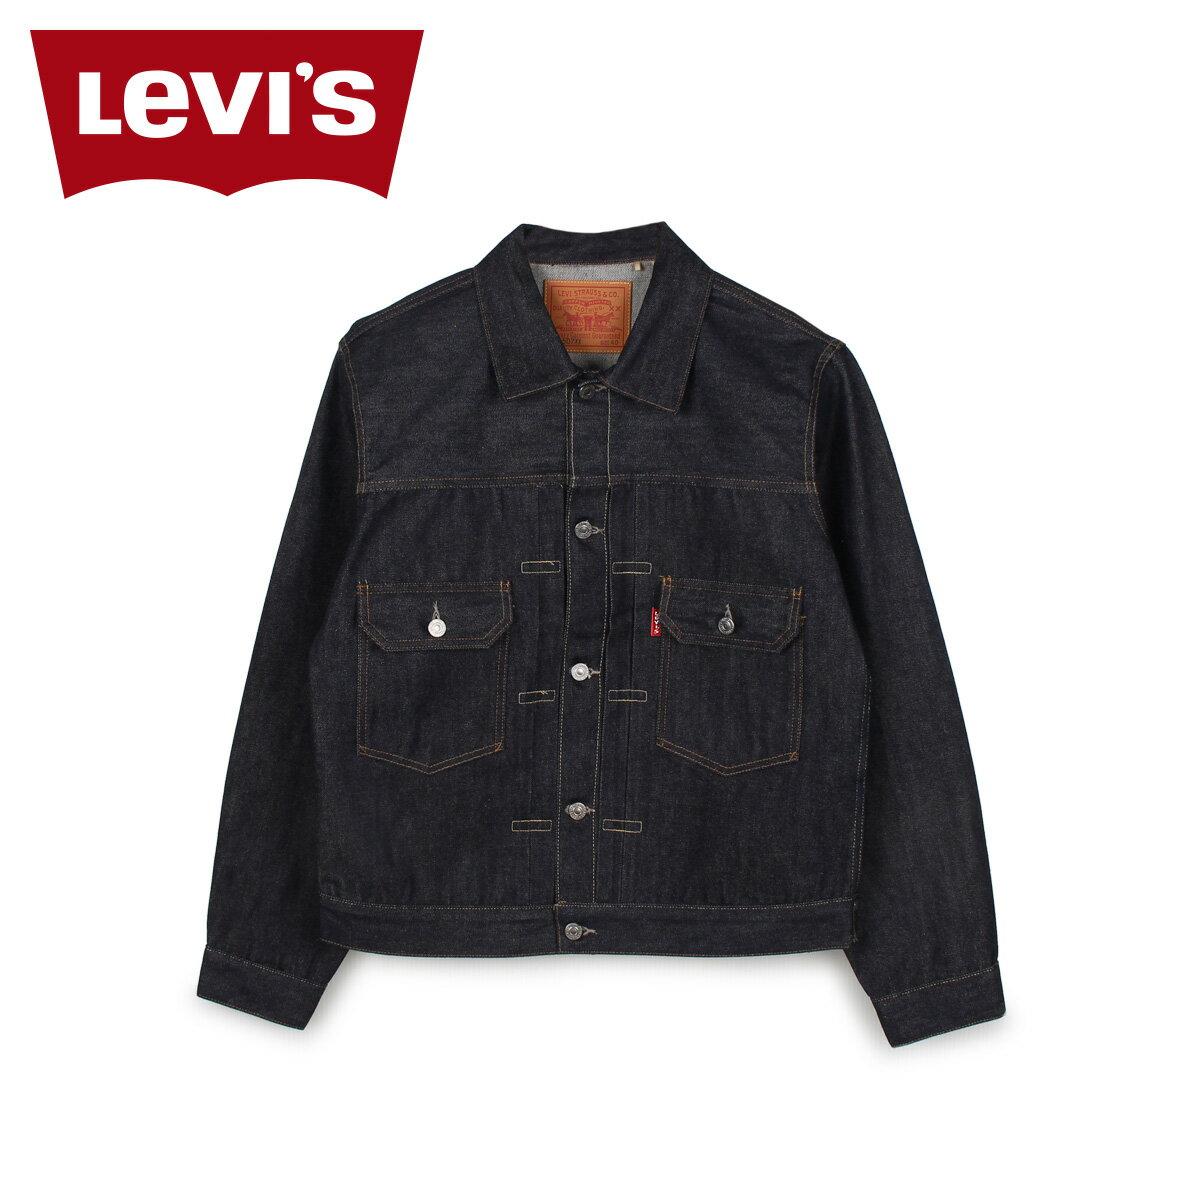 メンズファッション, コート・ジャケット 1000OFF LEVIS VINTAGE CLOTHING G 1953S TYPE2 TRUCKER JACKET LVC 70507-0062